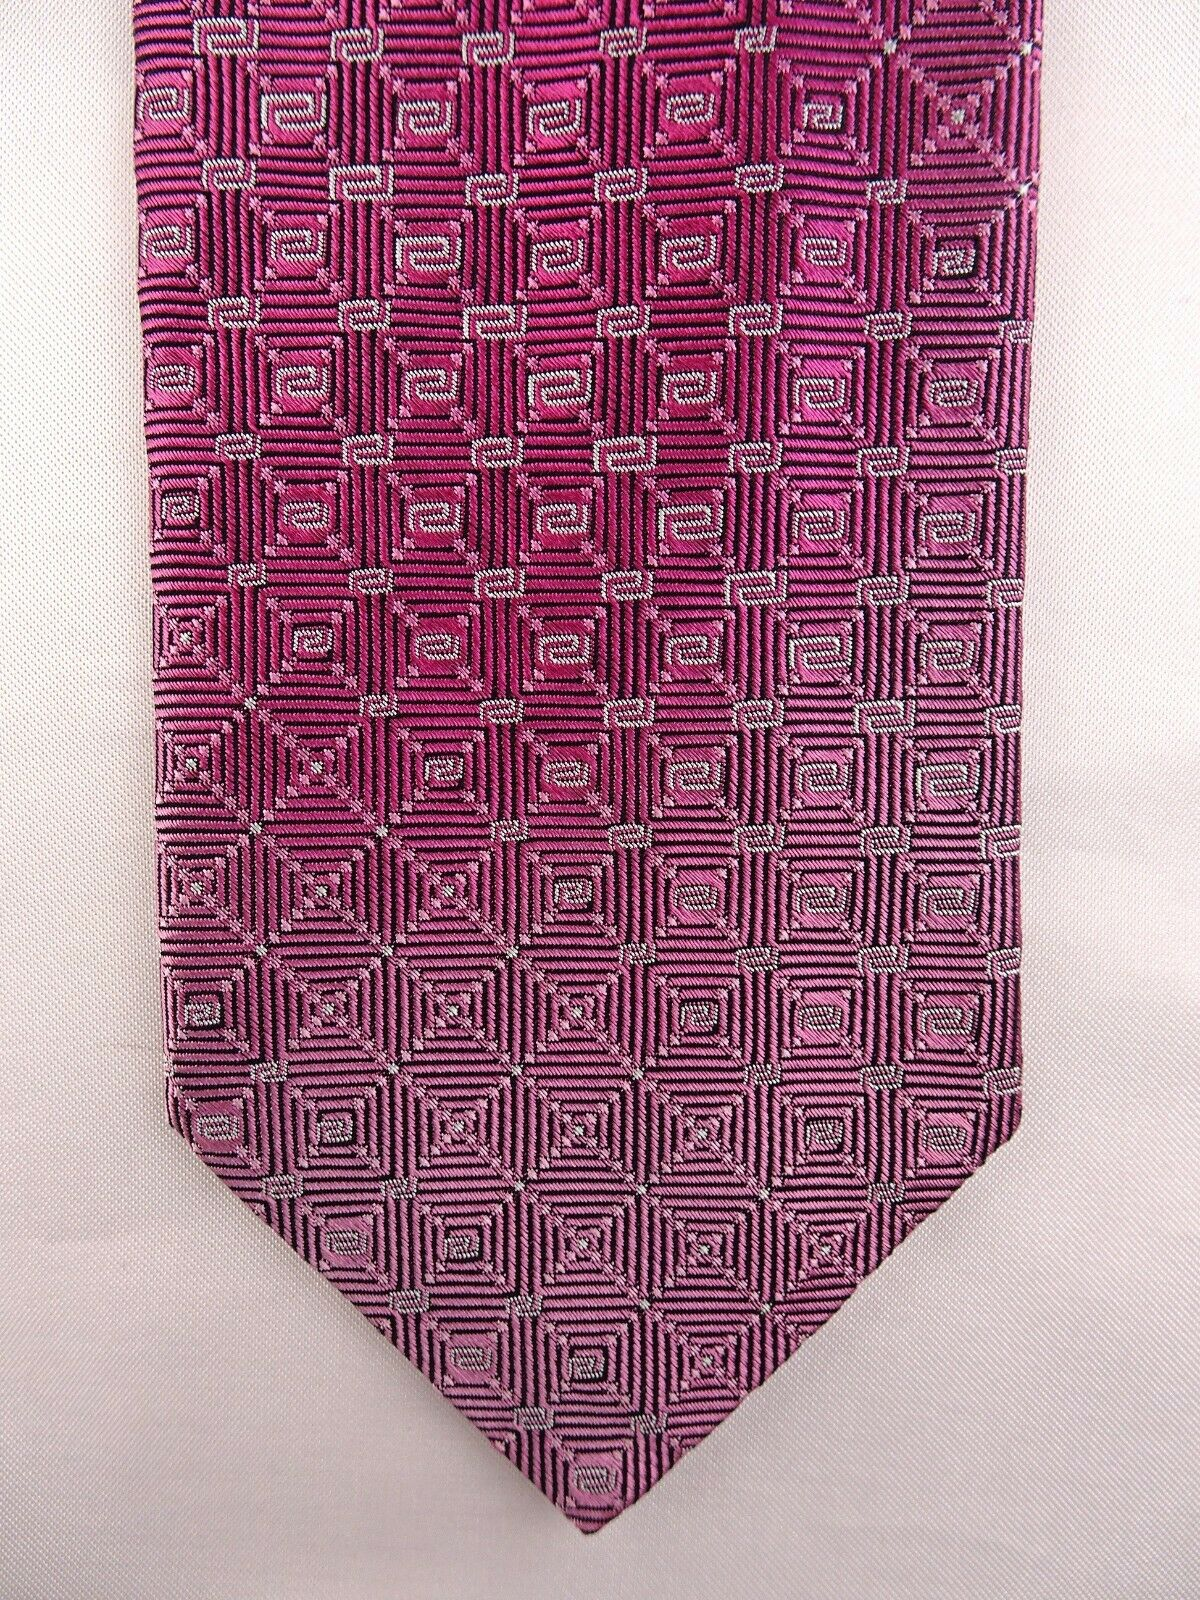 WIE NEU - Krawatte von VERSACE, Pink Silber Schwarz, 100% Seide, Made in Italy